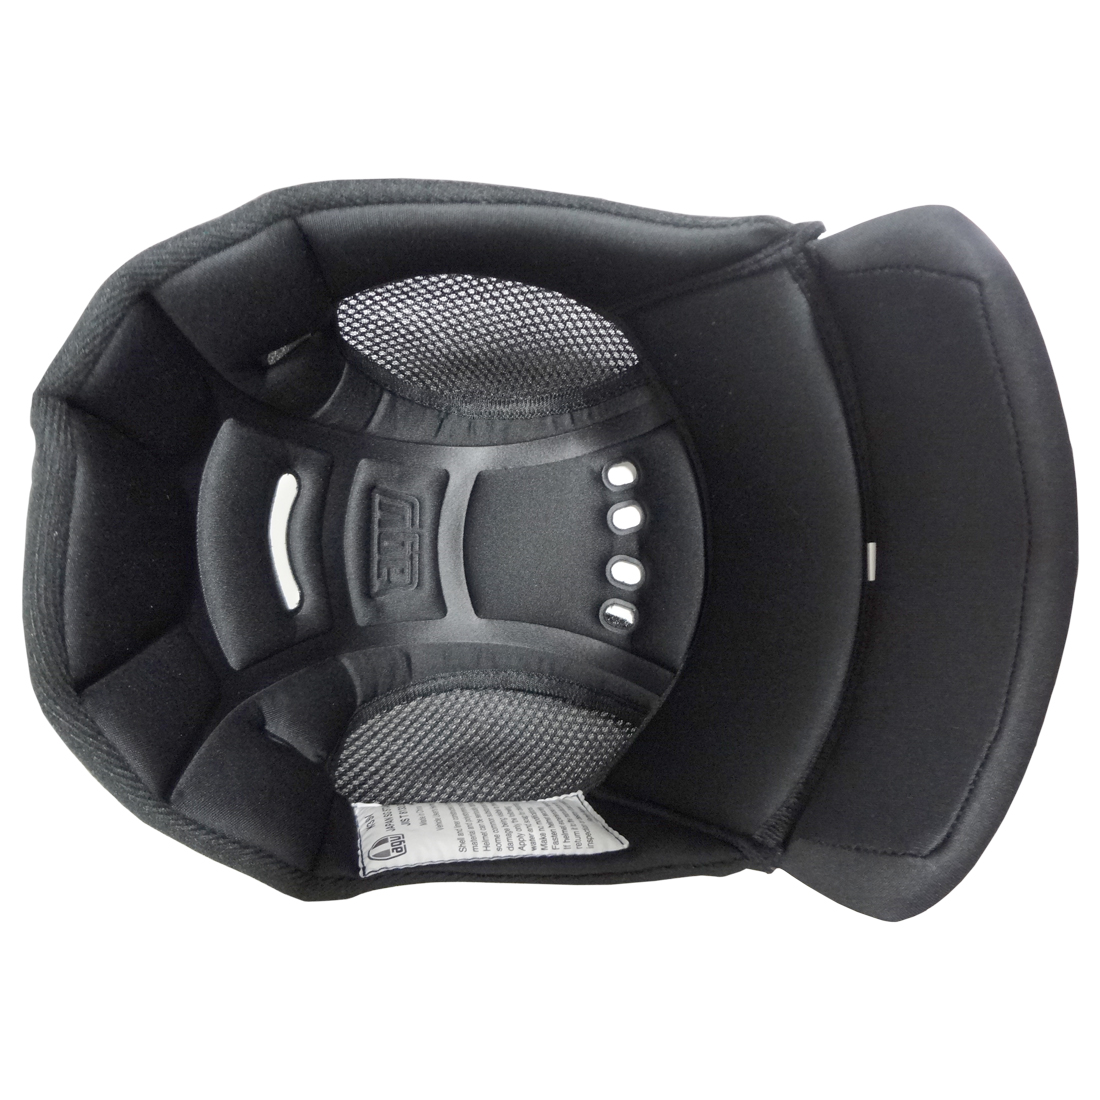 AGV(エージーブイ) ヘルメットパーツ 内装 K1用 TOP PAD K1 ASIA FIT (トップパッド) Sサイズ KIT0282000101